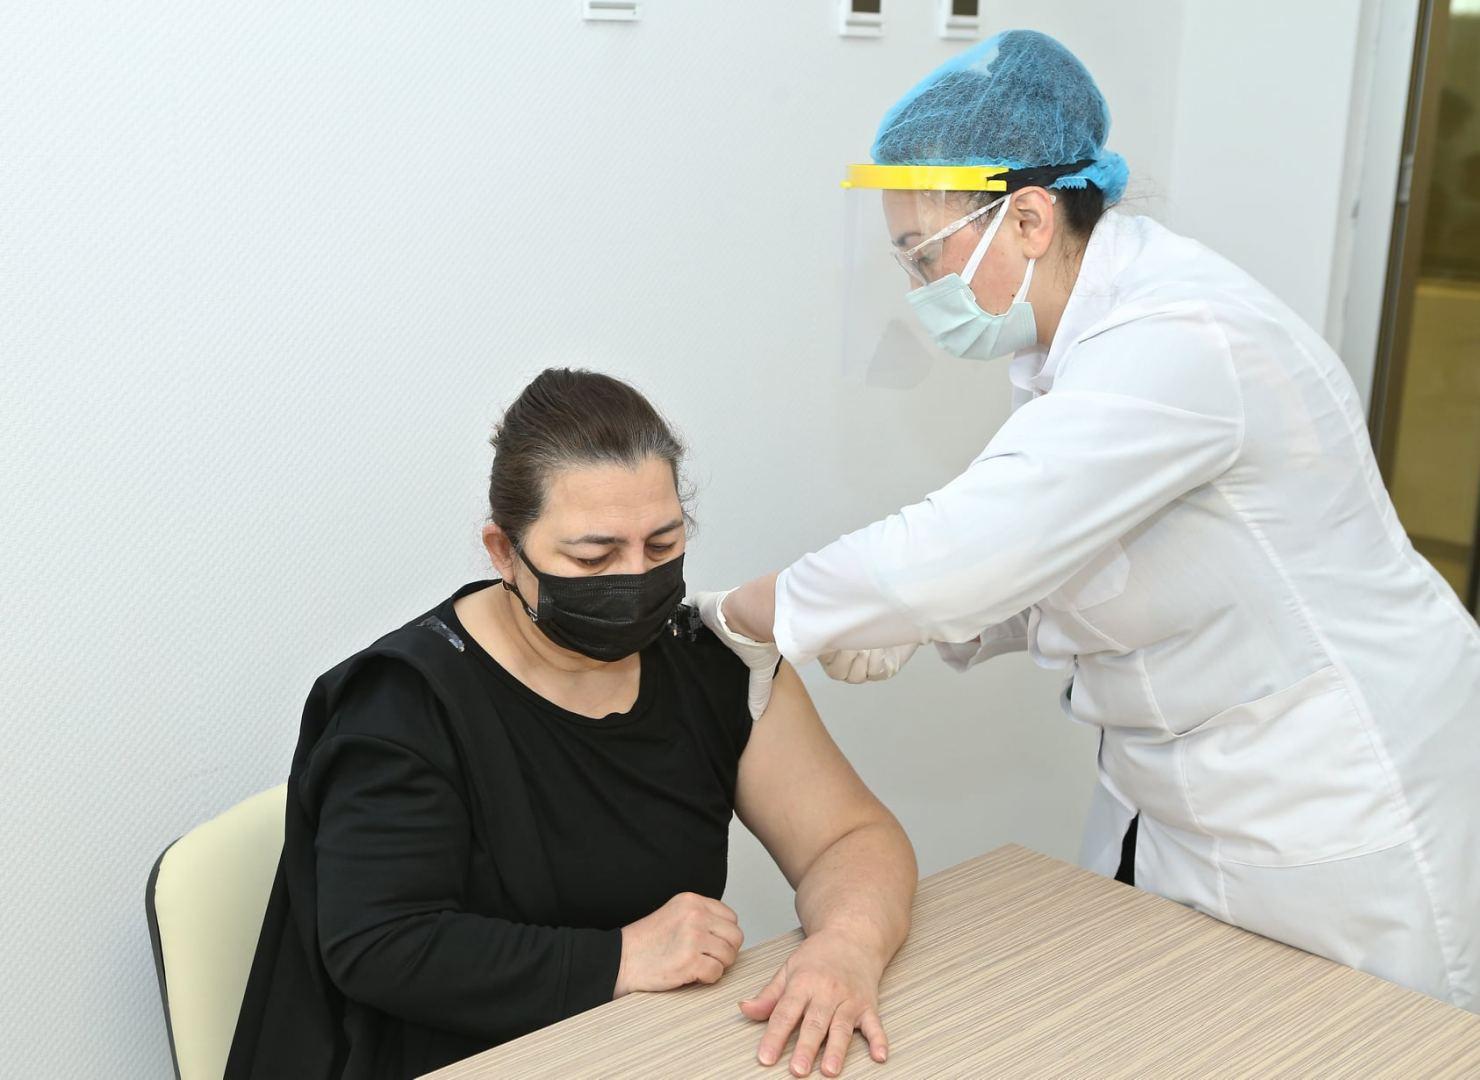 Sumqayıtda koronavirusa qarşı vaksinasiya davam edir (FOTO) - Gallery Image